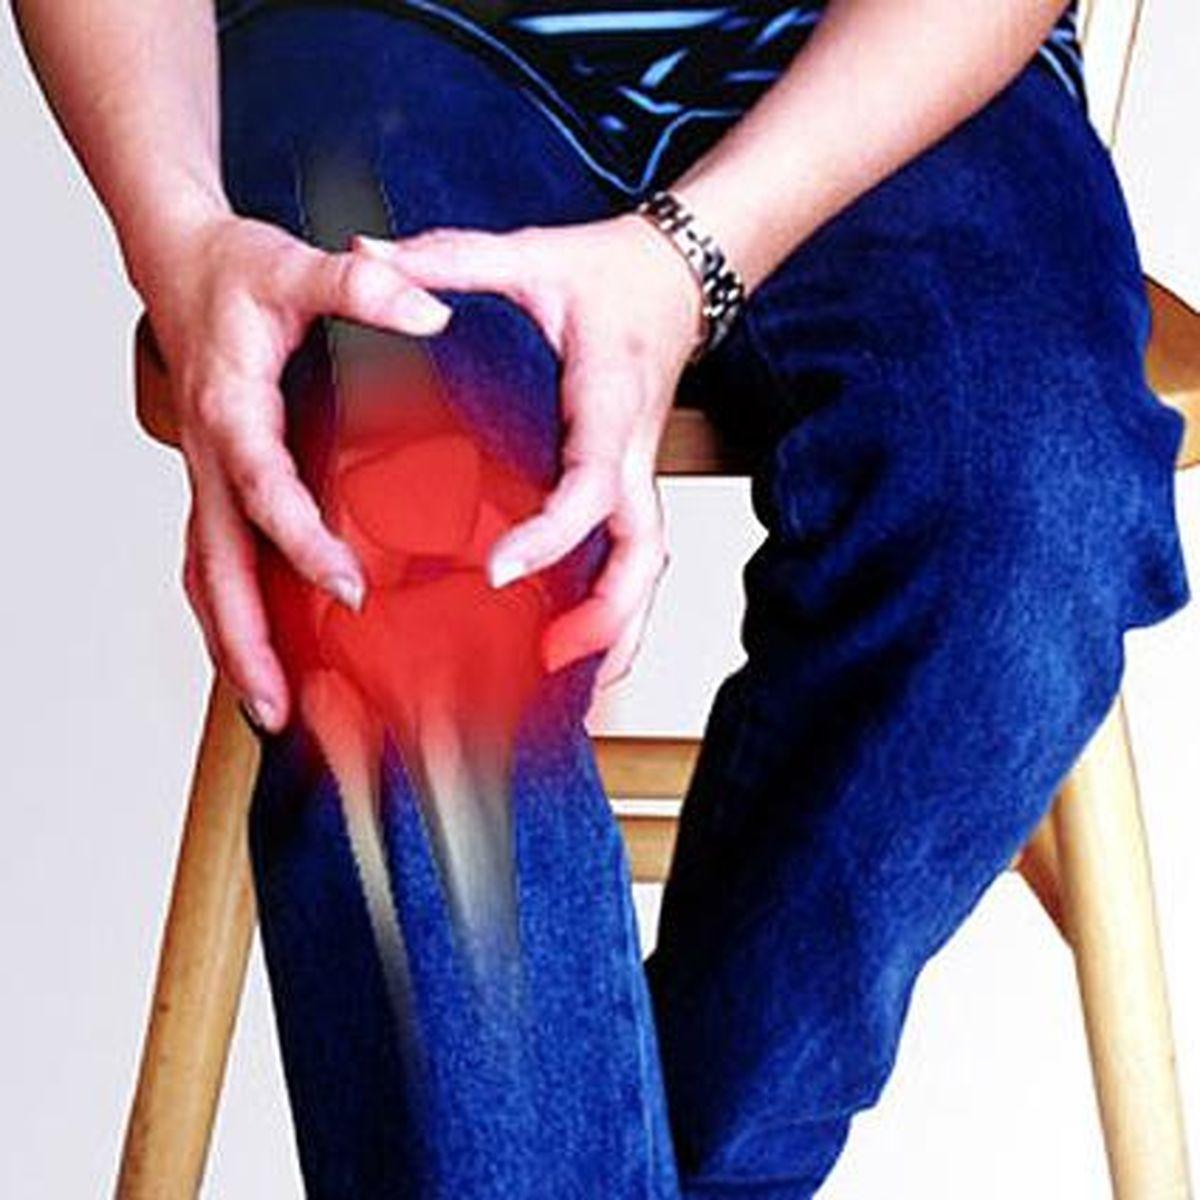 برای جلوگیری از آرتروز در ماه آینده باید چه کرد؟